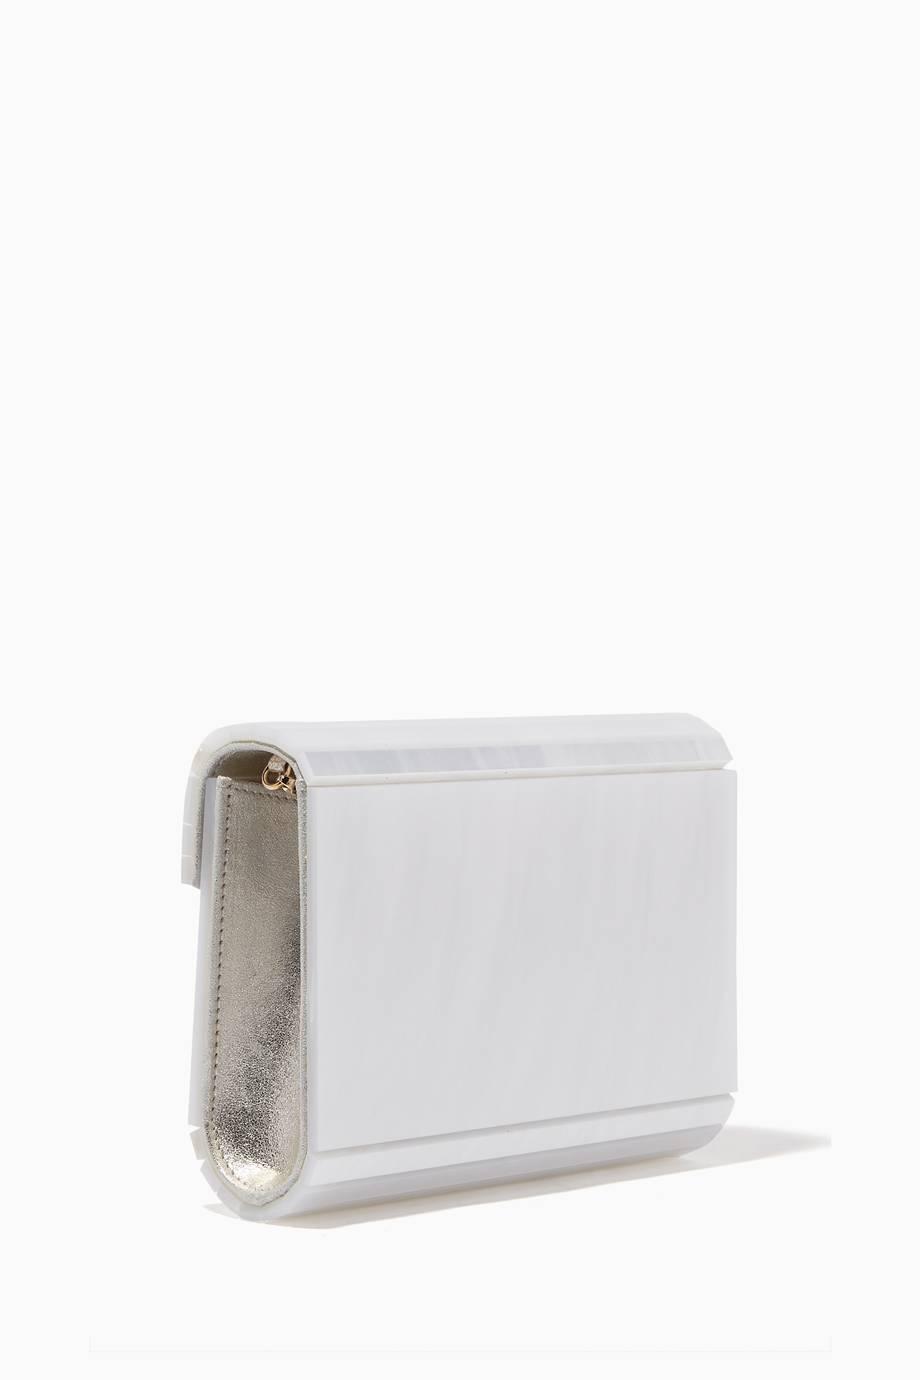 Shop Luxury Jimmy Choo Pearlised Candy Acrylic Clutch Bag  3237223809db1